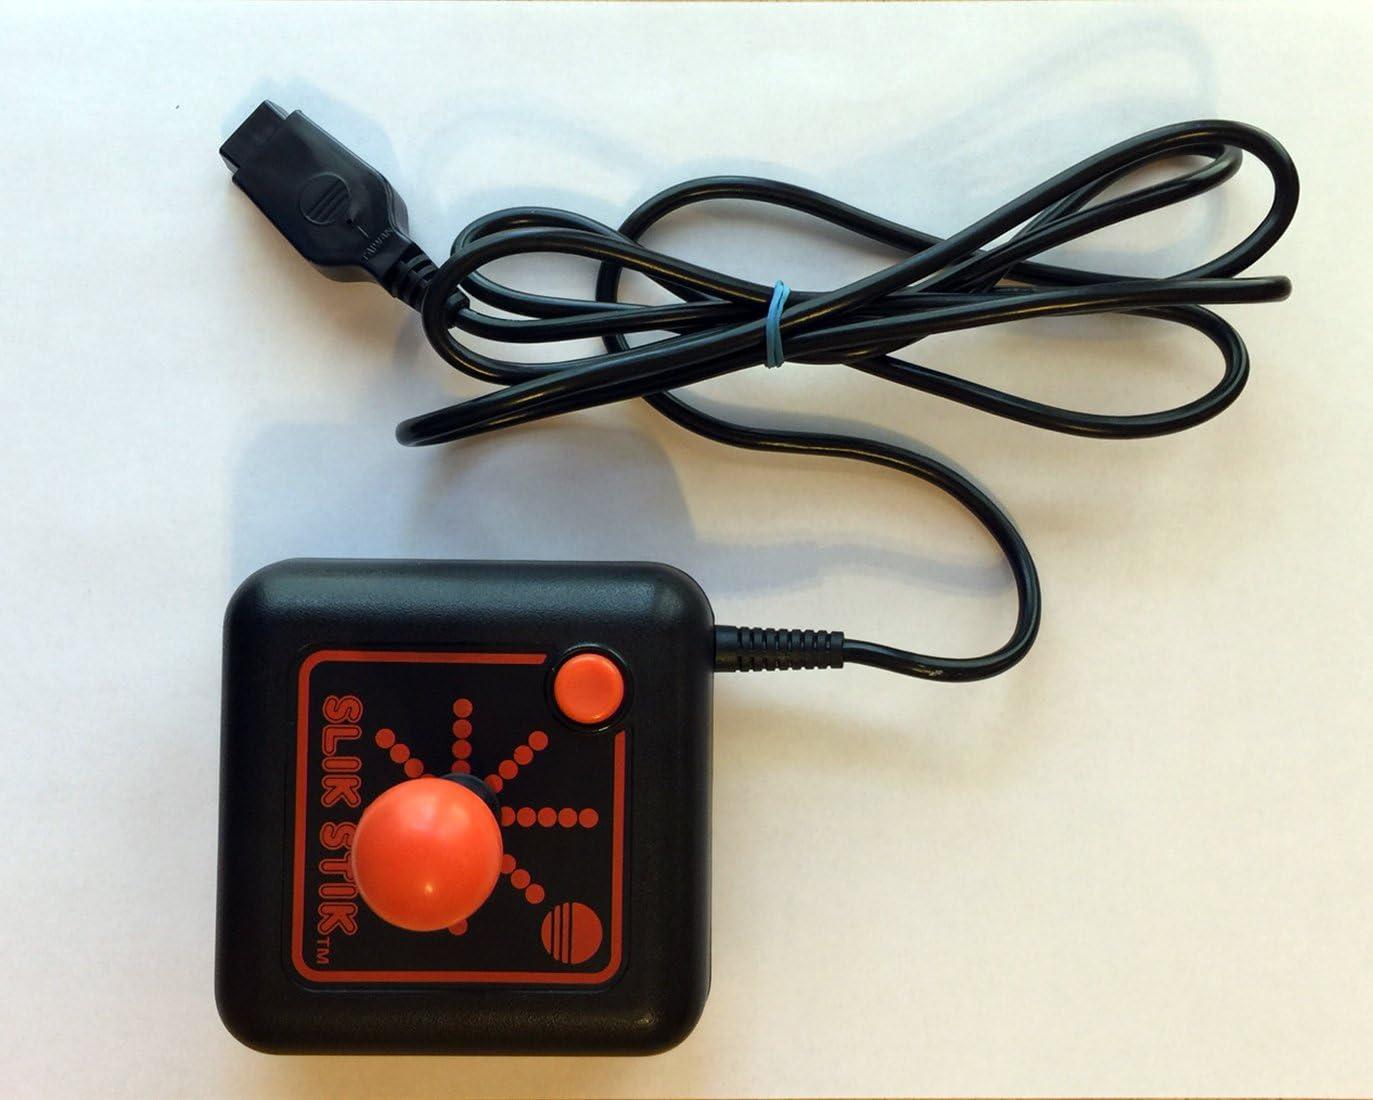 Atari Controller Wiring Diagram on xbox 360 wiring diagram, playstation 2 wiring diagram, playstation 3 wiring diagram, super nintendo wiring diagram, dualshock 2 wiring diagram,